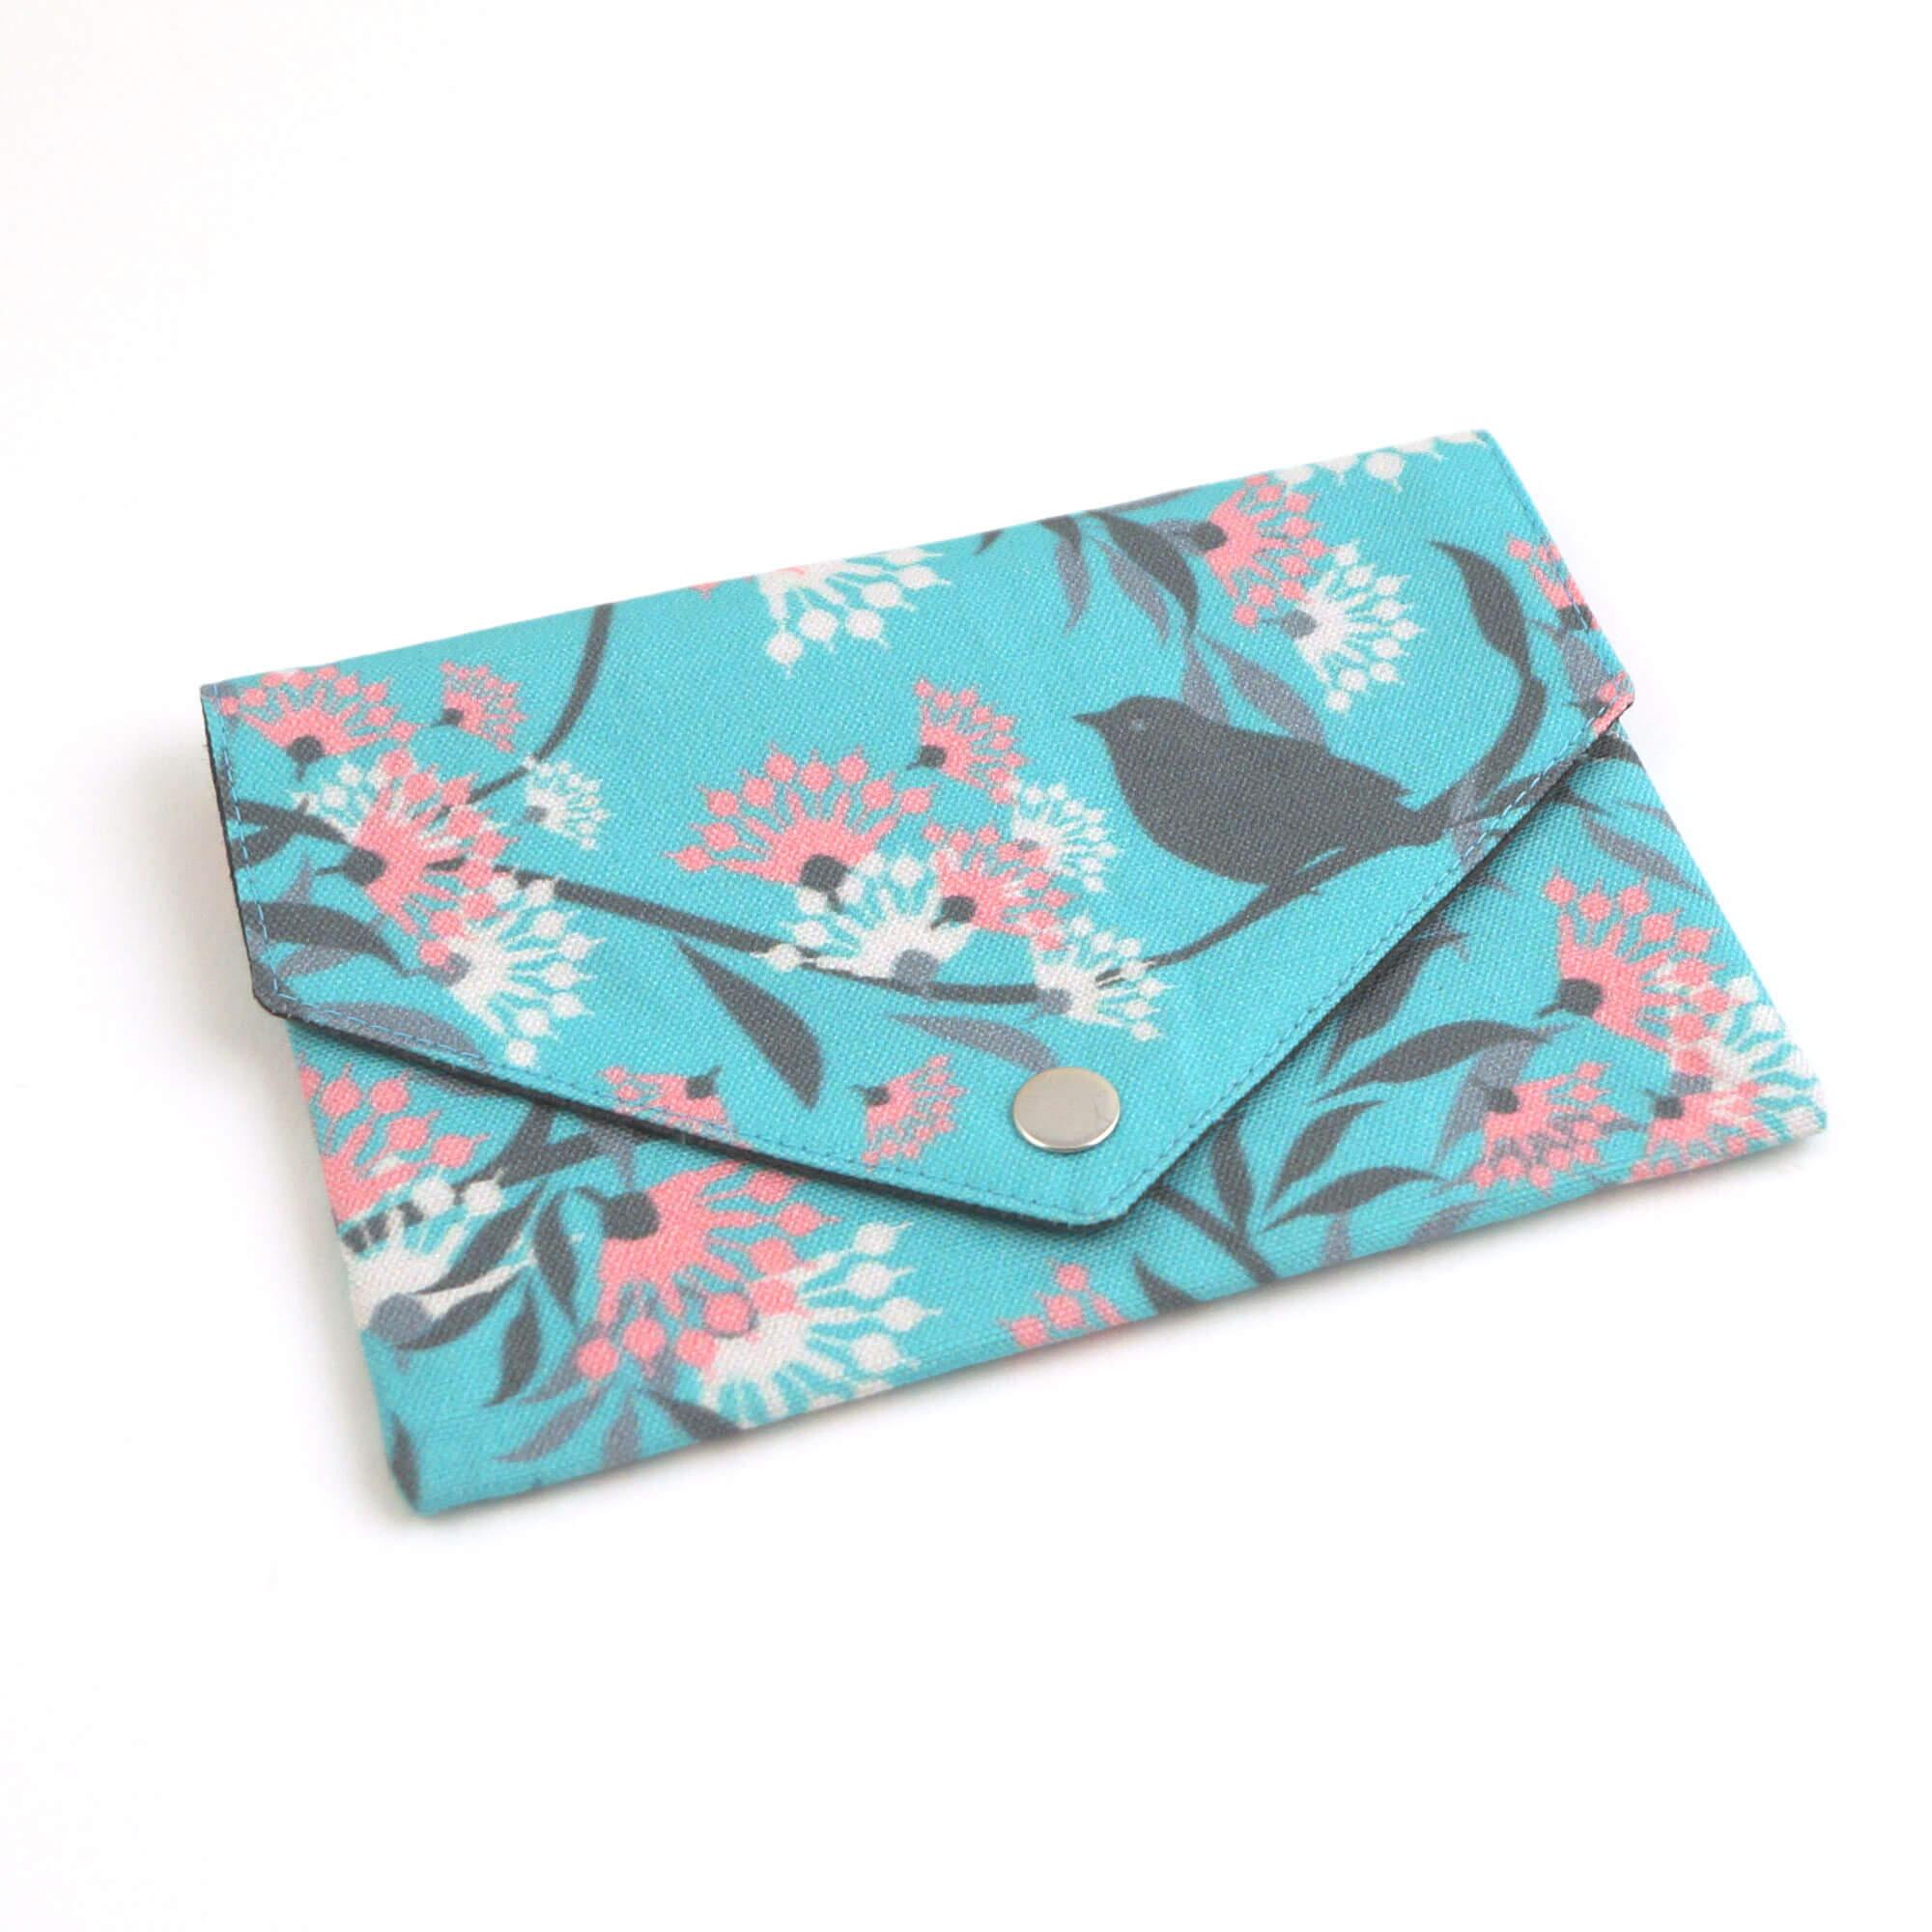 Geldbörse mit Reißverschluss Tasche Blumen mint